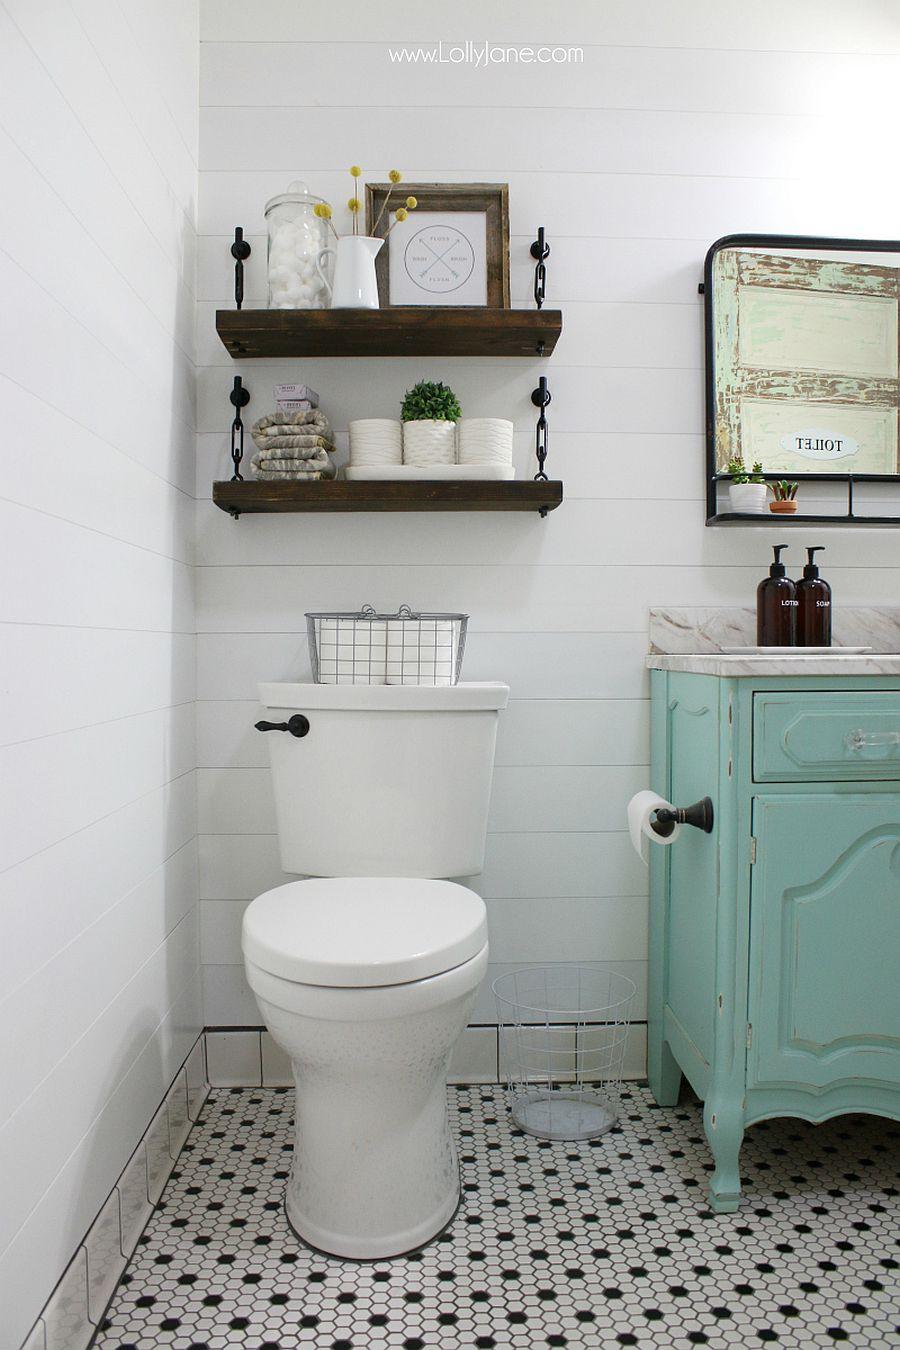 1562338102 262 30 diy farmhouse decor ideas that look just beautiful - 30 DIY Farmhouse Decor Ideas That Look Just Beautiful!